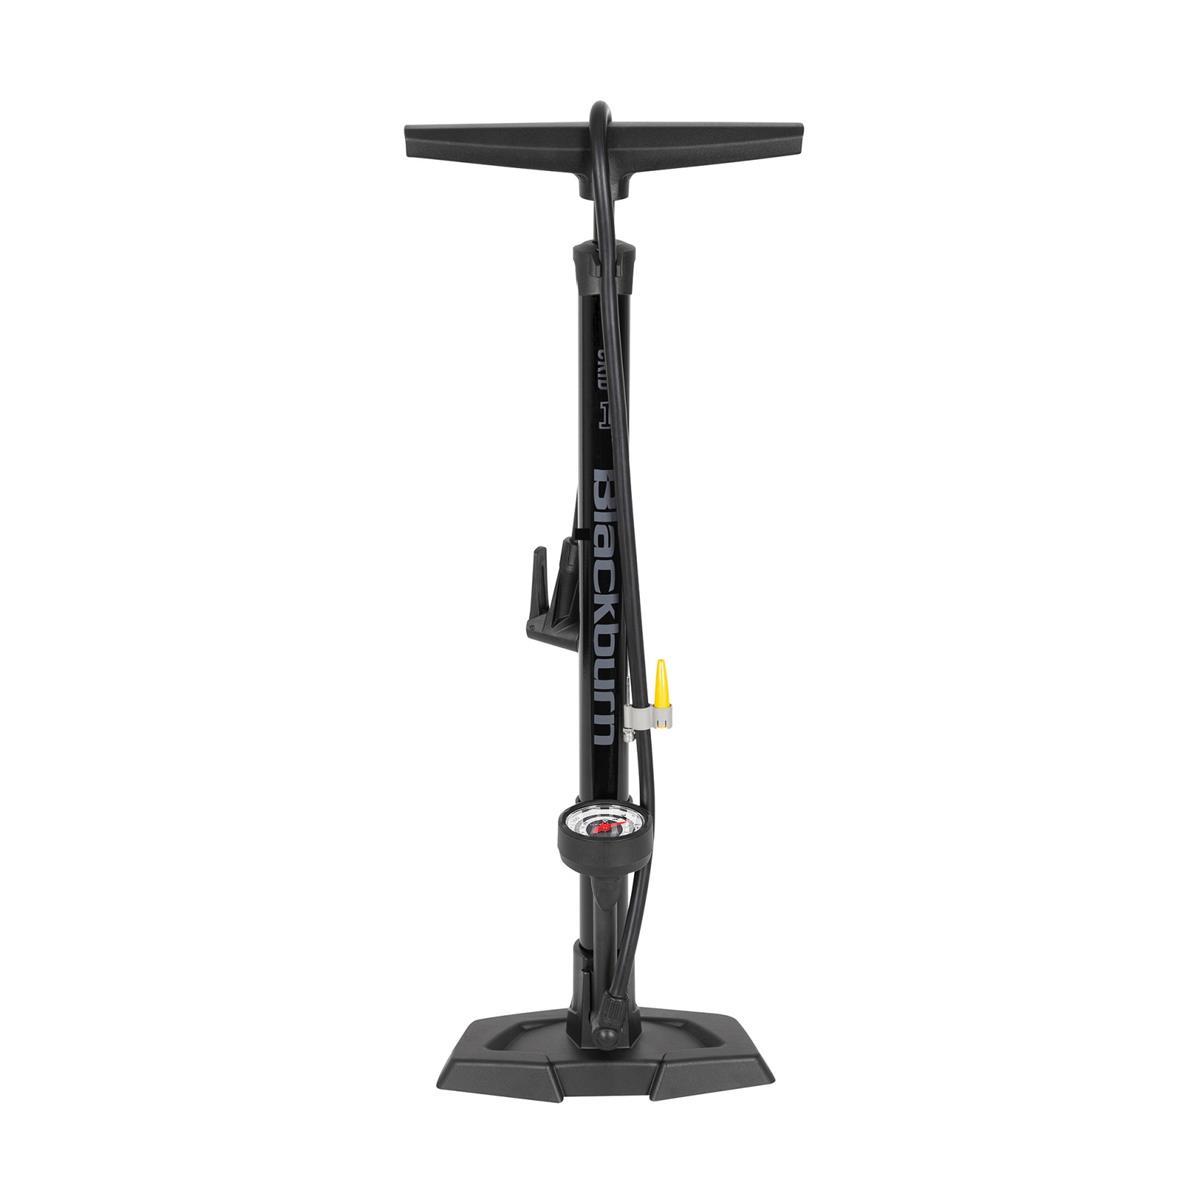 Floor Pump Grid 1 11 bar / 160 psi Presta / Schrader Black 2021